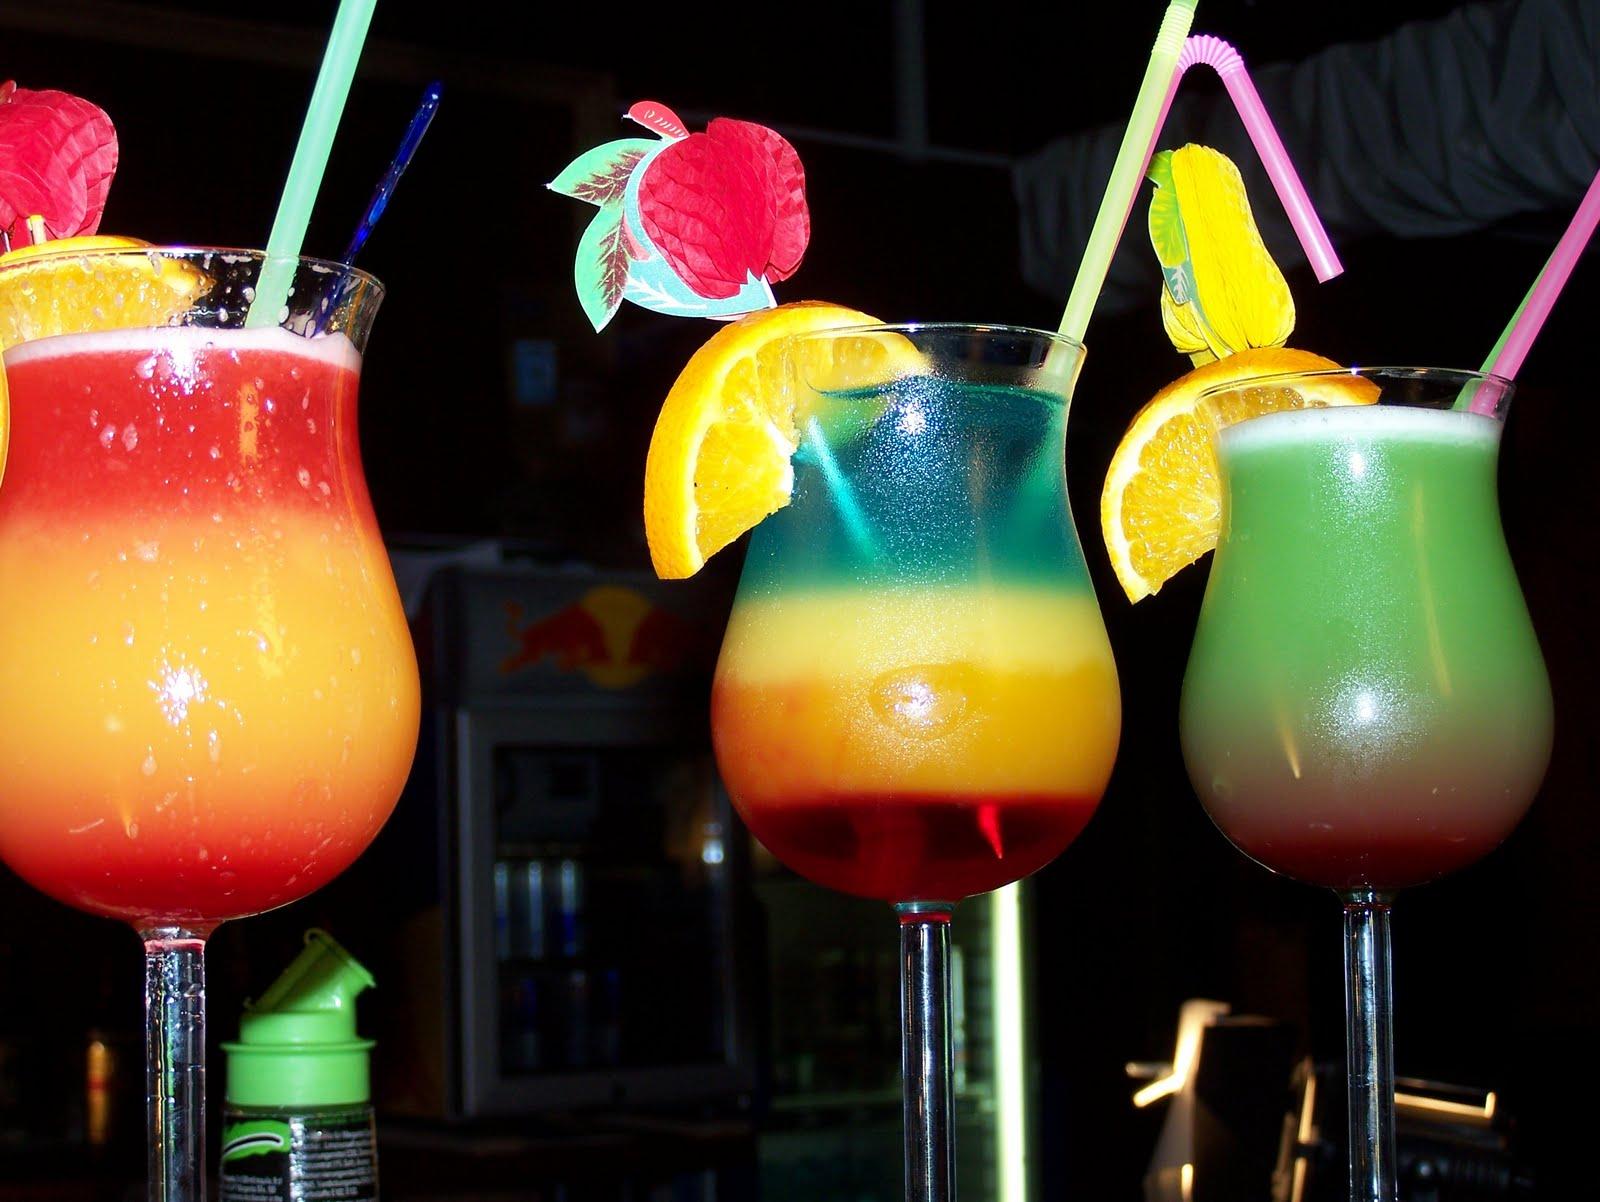 Weibsbilder40plus: Leckere Cocktails für die heißen Sommerabende